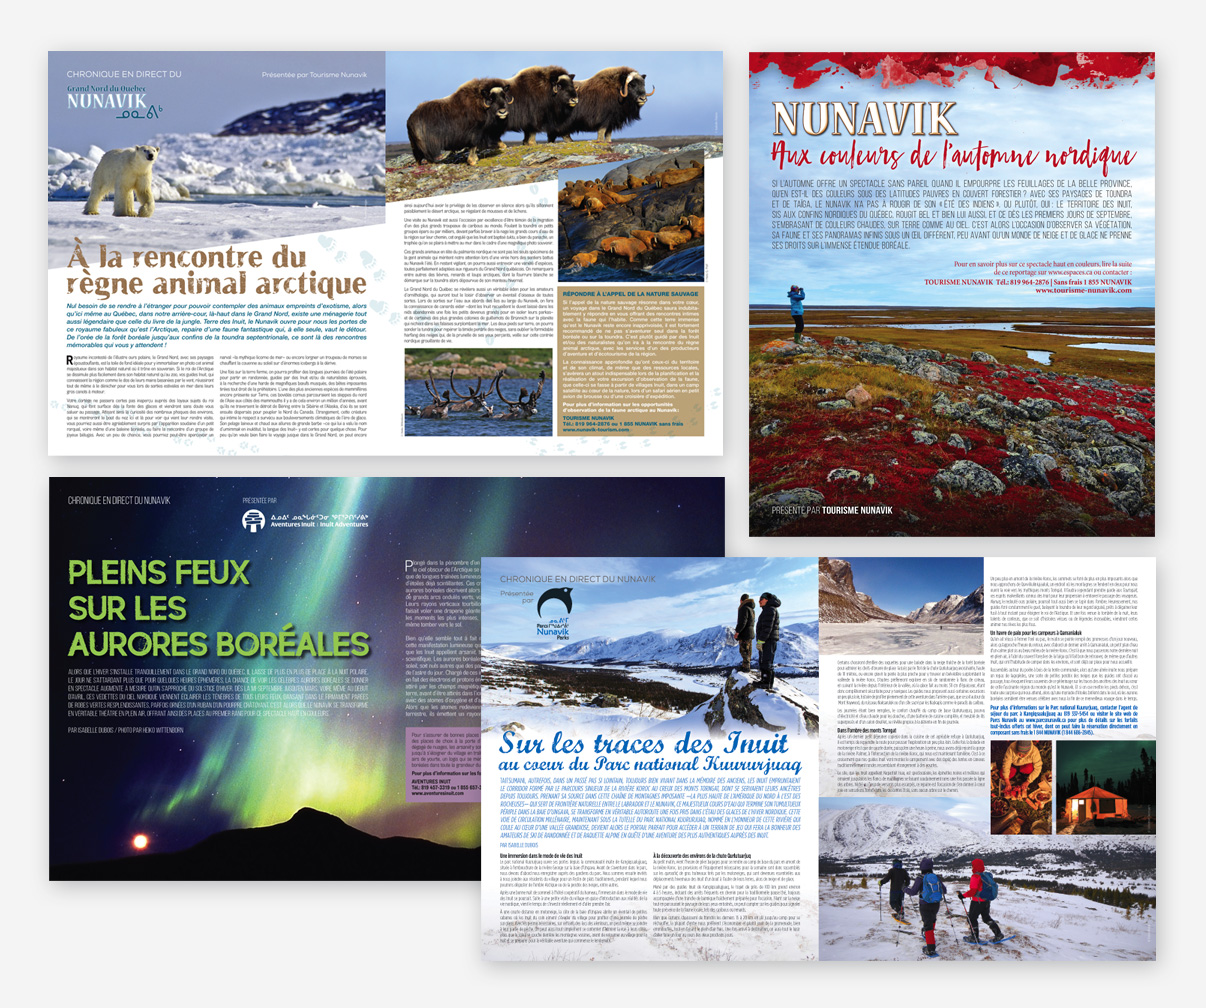 Association touristique du Nunavik - Publireportages